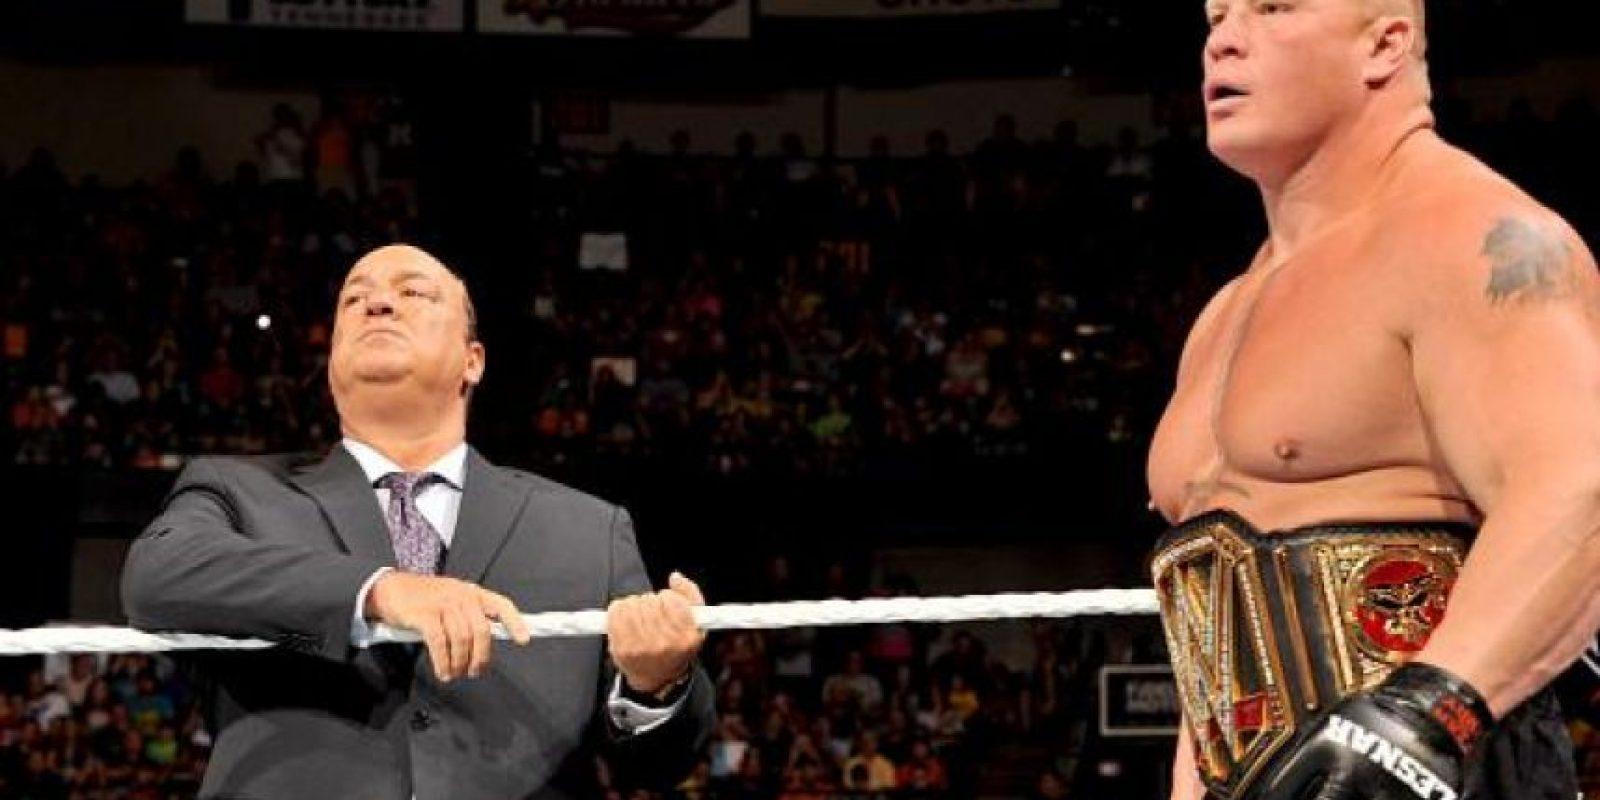 Regresó a la WWE para terminar con el invicto del Undertaker en Wrestlamania y apoderarse del Campeonato de Peso Pesado Foto:WWE